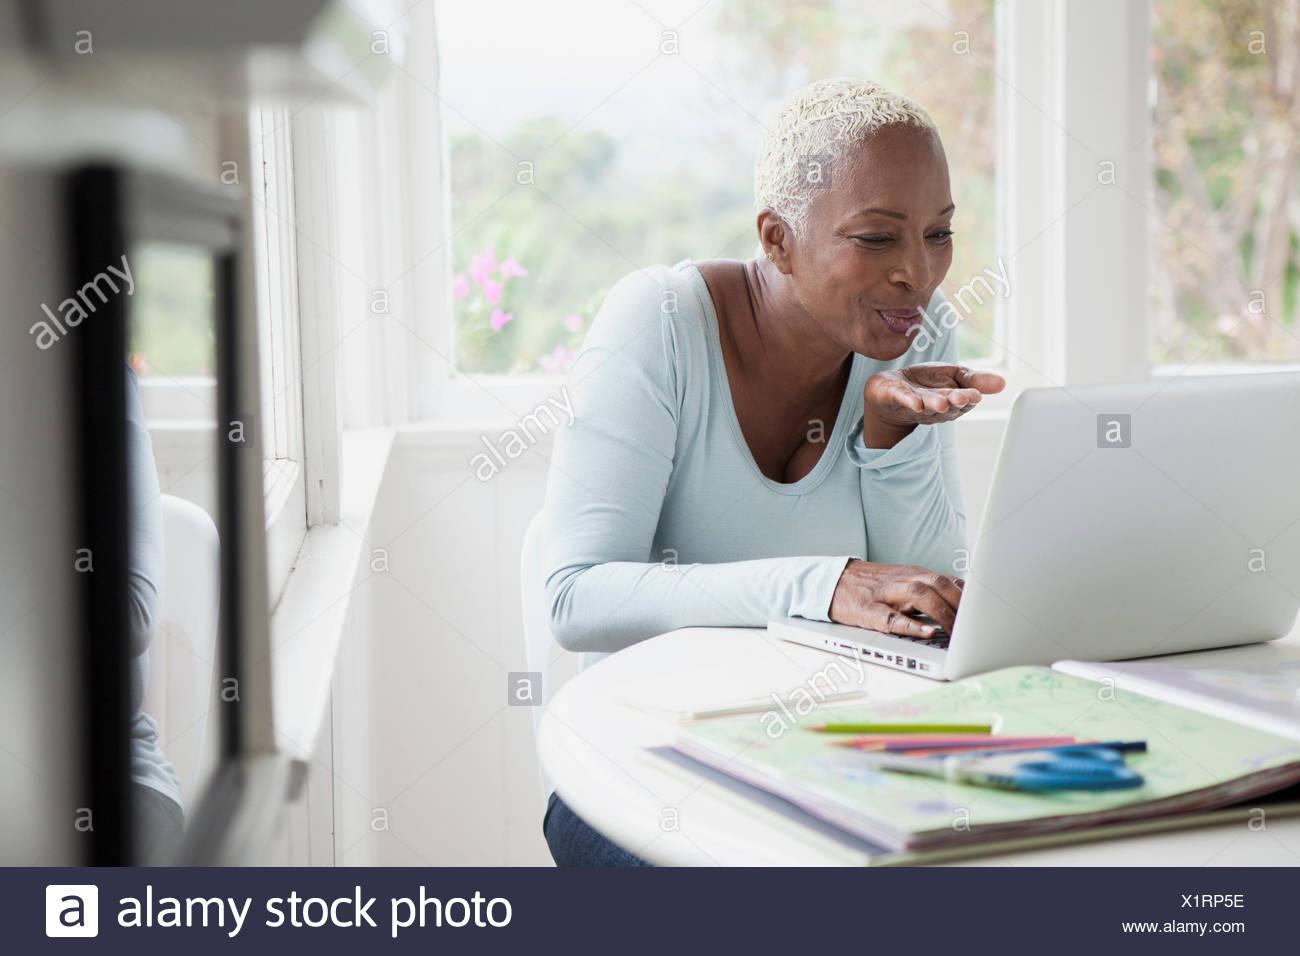 Donna di mezza età soffiando baci durante la chat online Immagini Stock